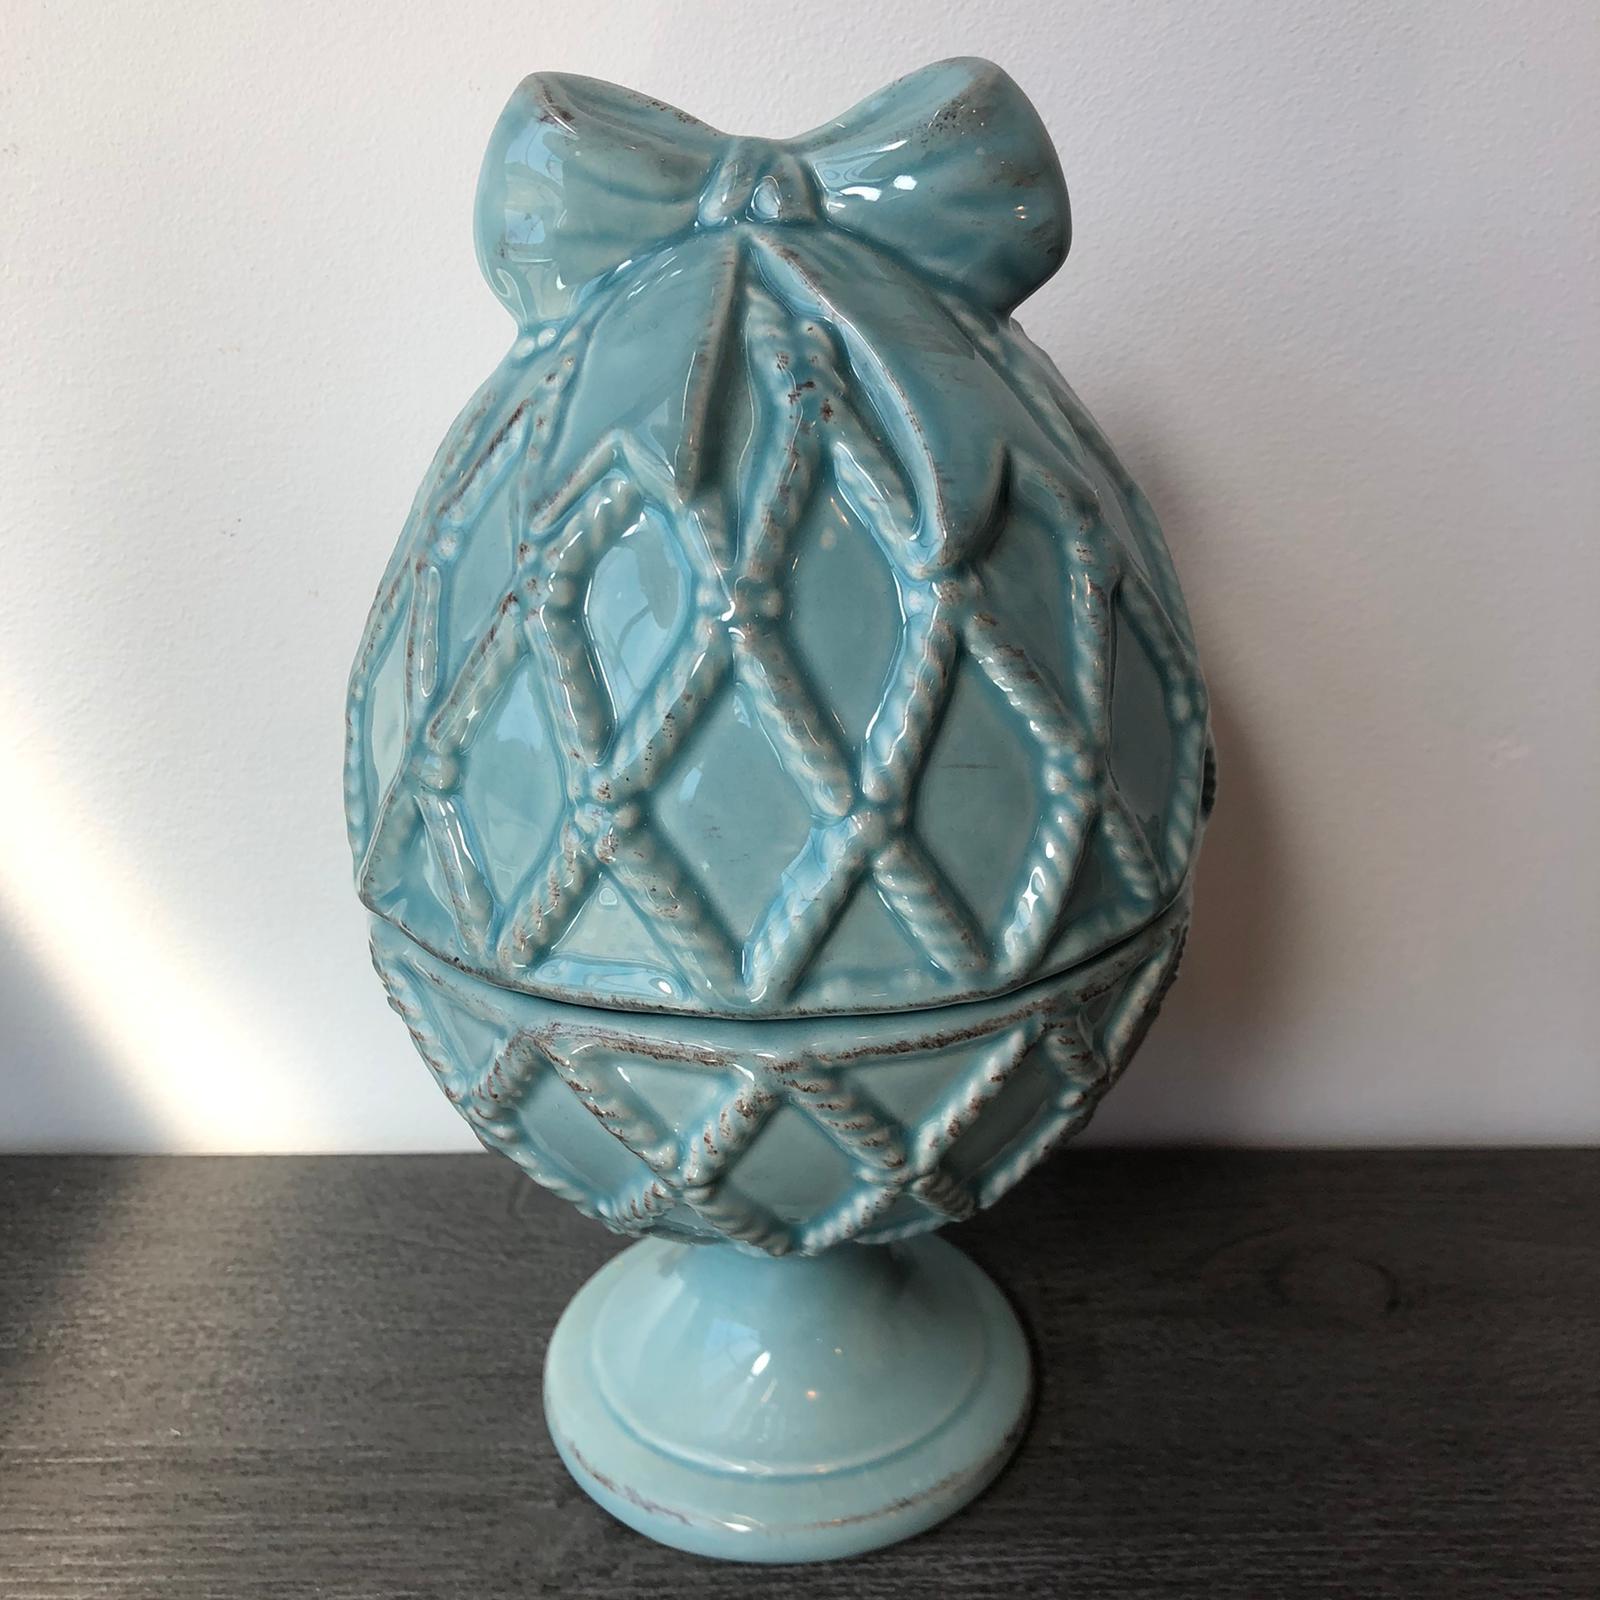 Scatola uovo in ceramica con fiocco – Turchese